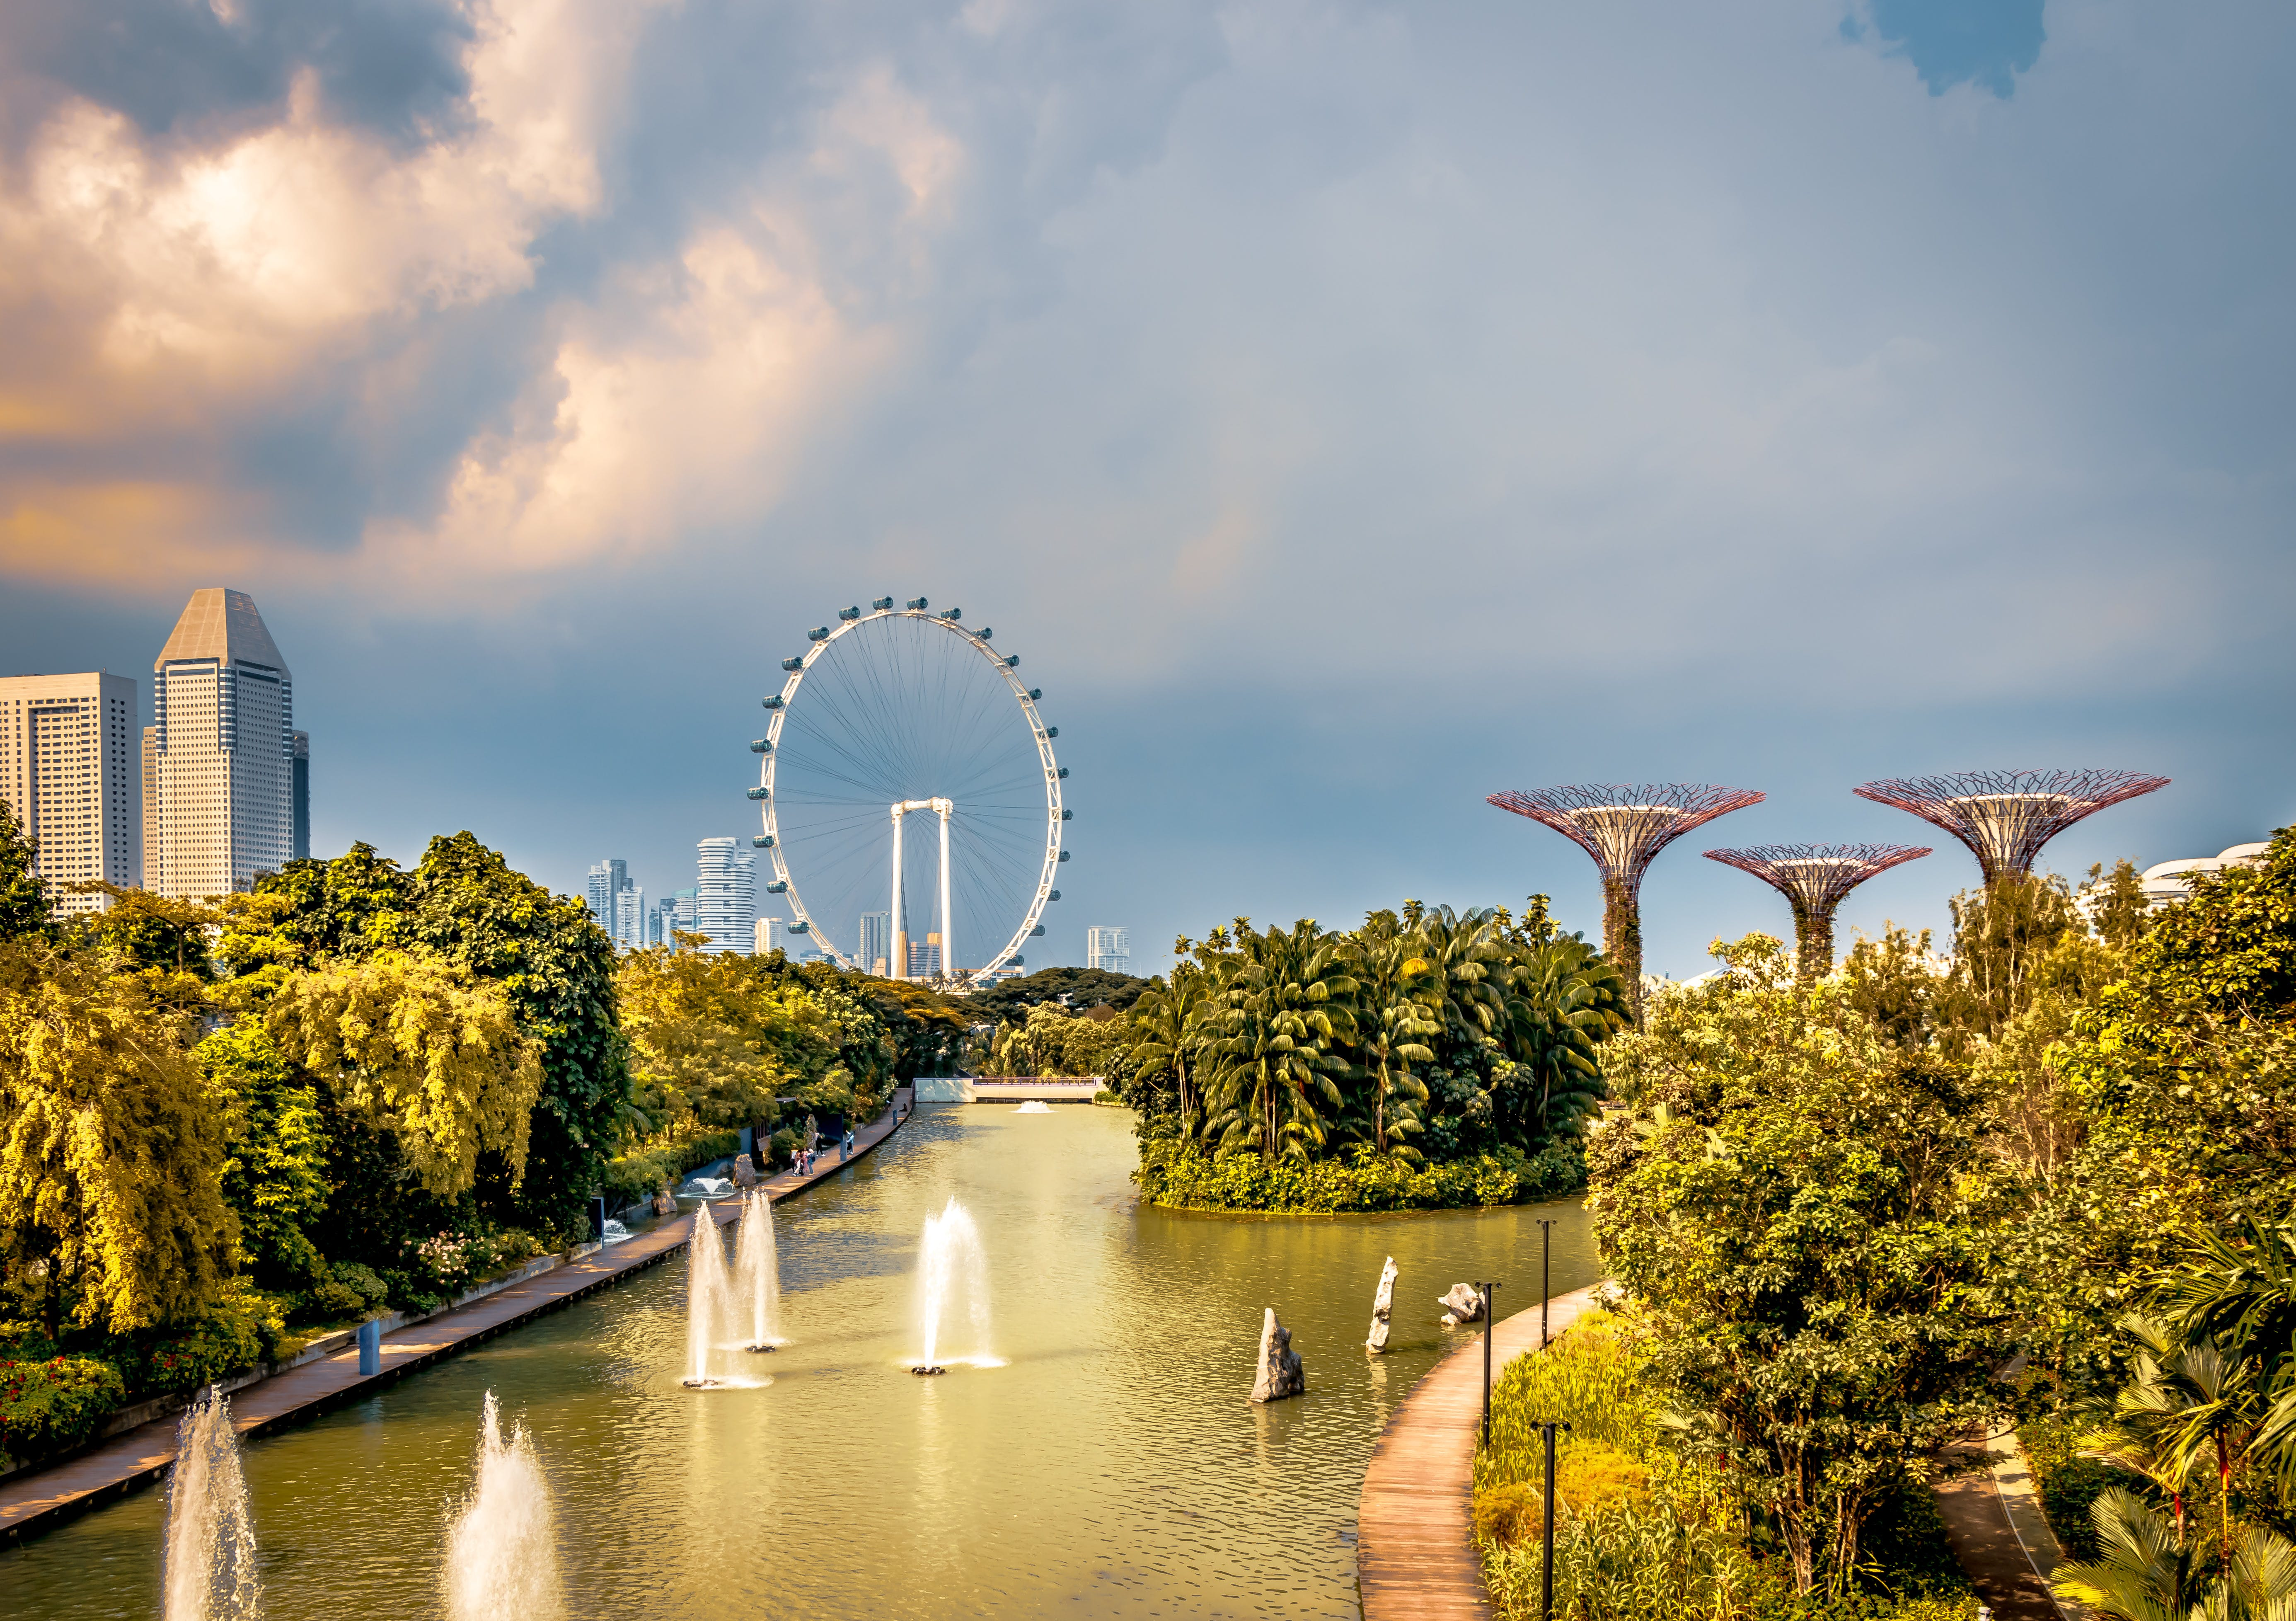 Δωρεάν στοκ φωτογραφιών με Marina Bay Sands, αστικό τοπίο, καταπληκτικός, κέντρο της πόλης